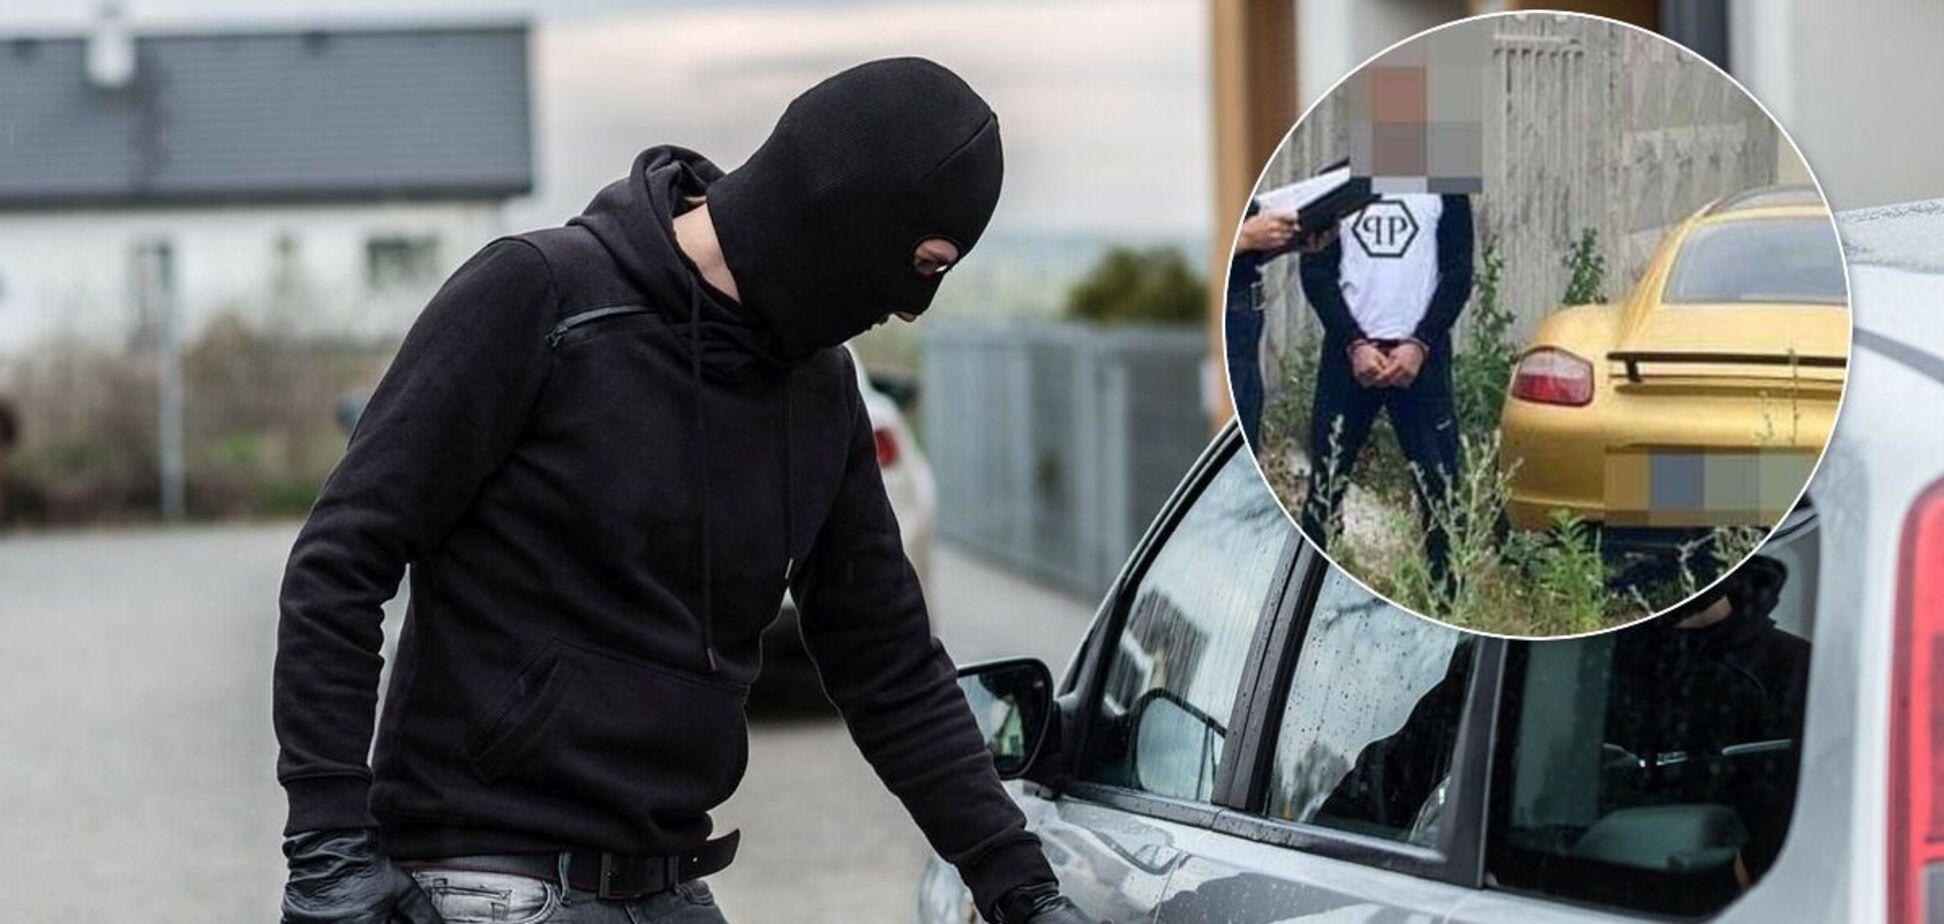 Украинец придумал необычный способ угона авто без взлома